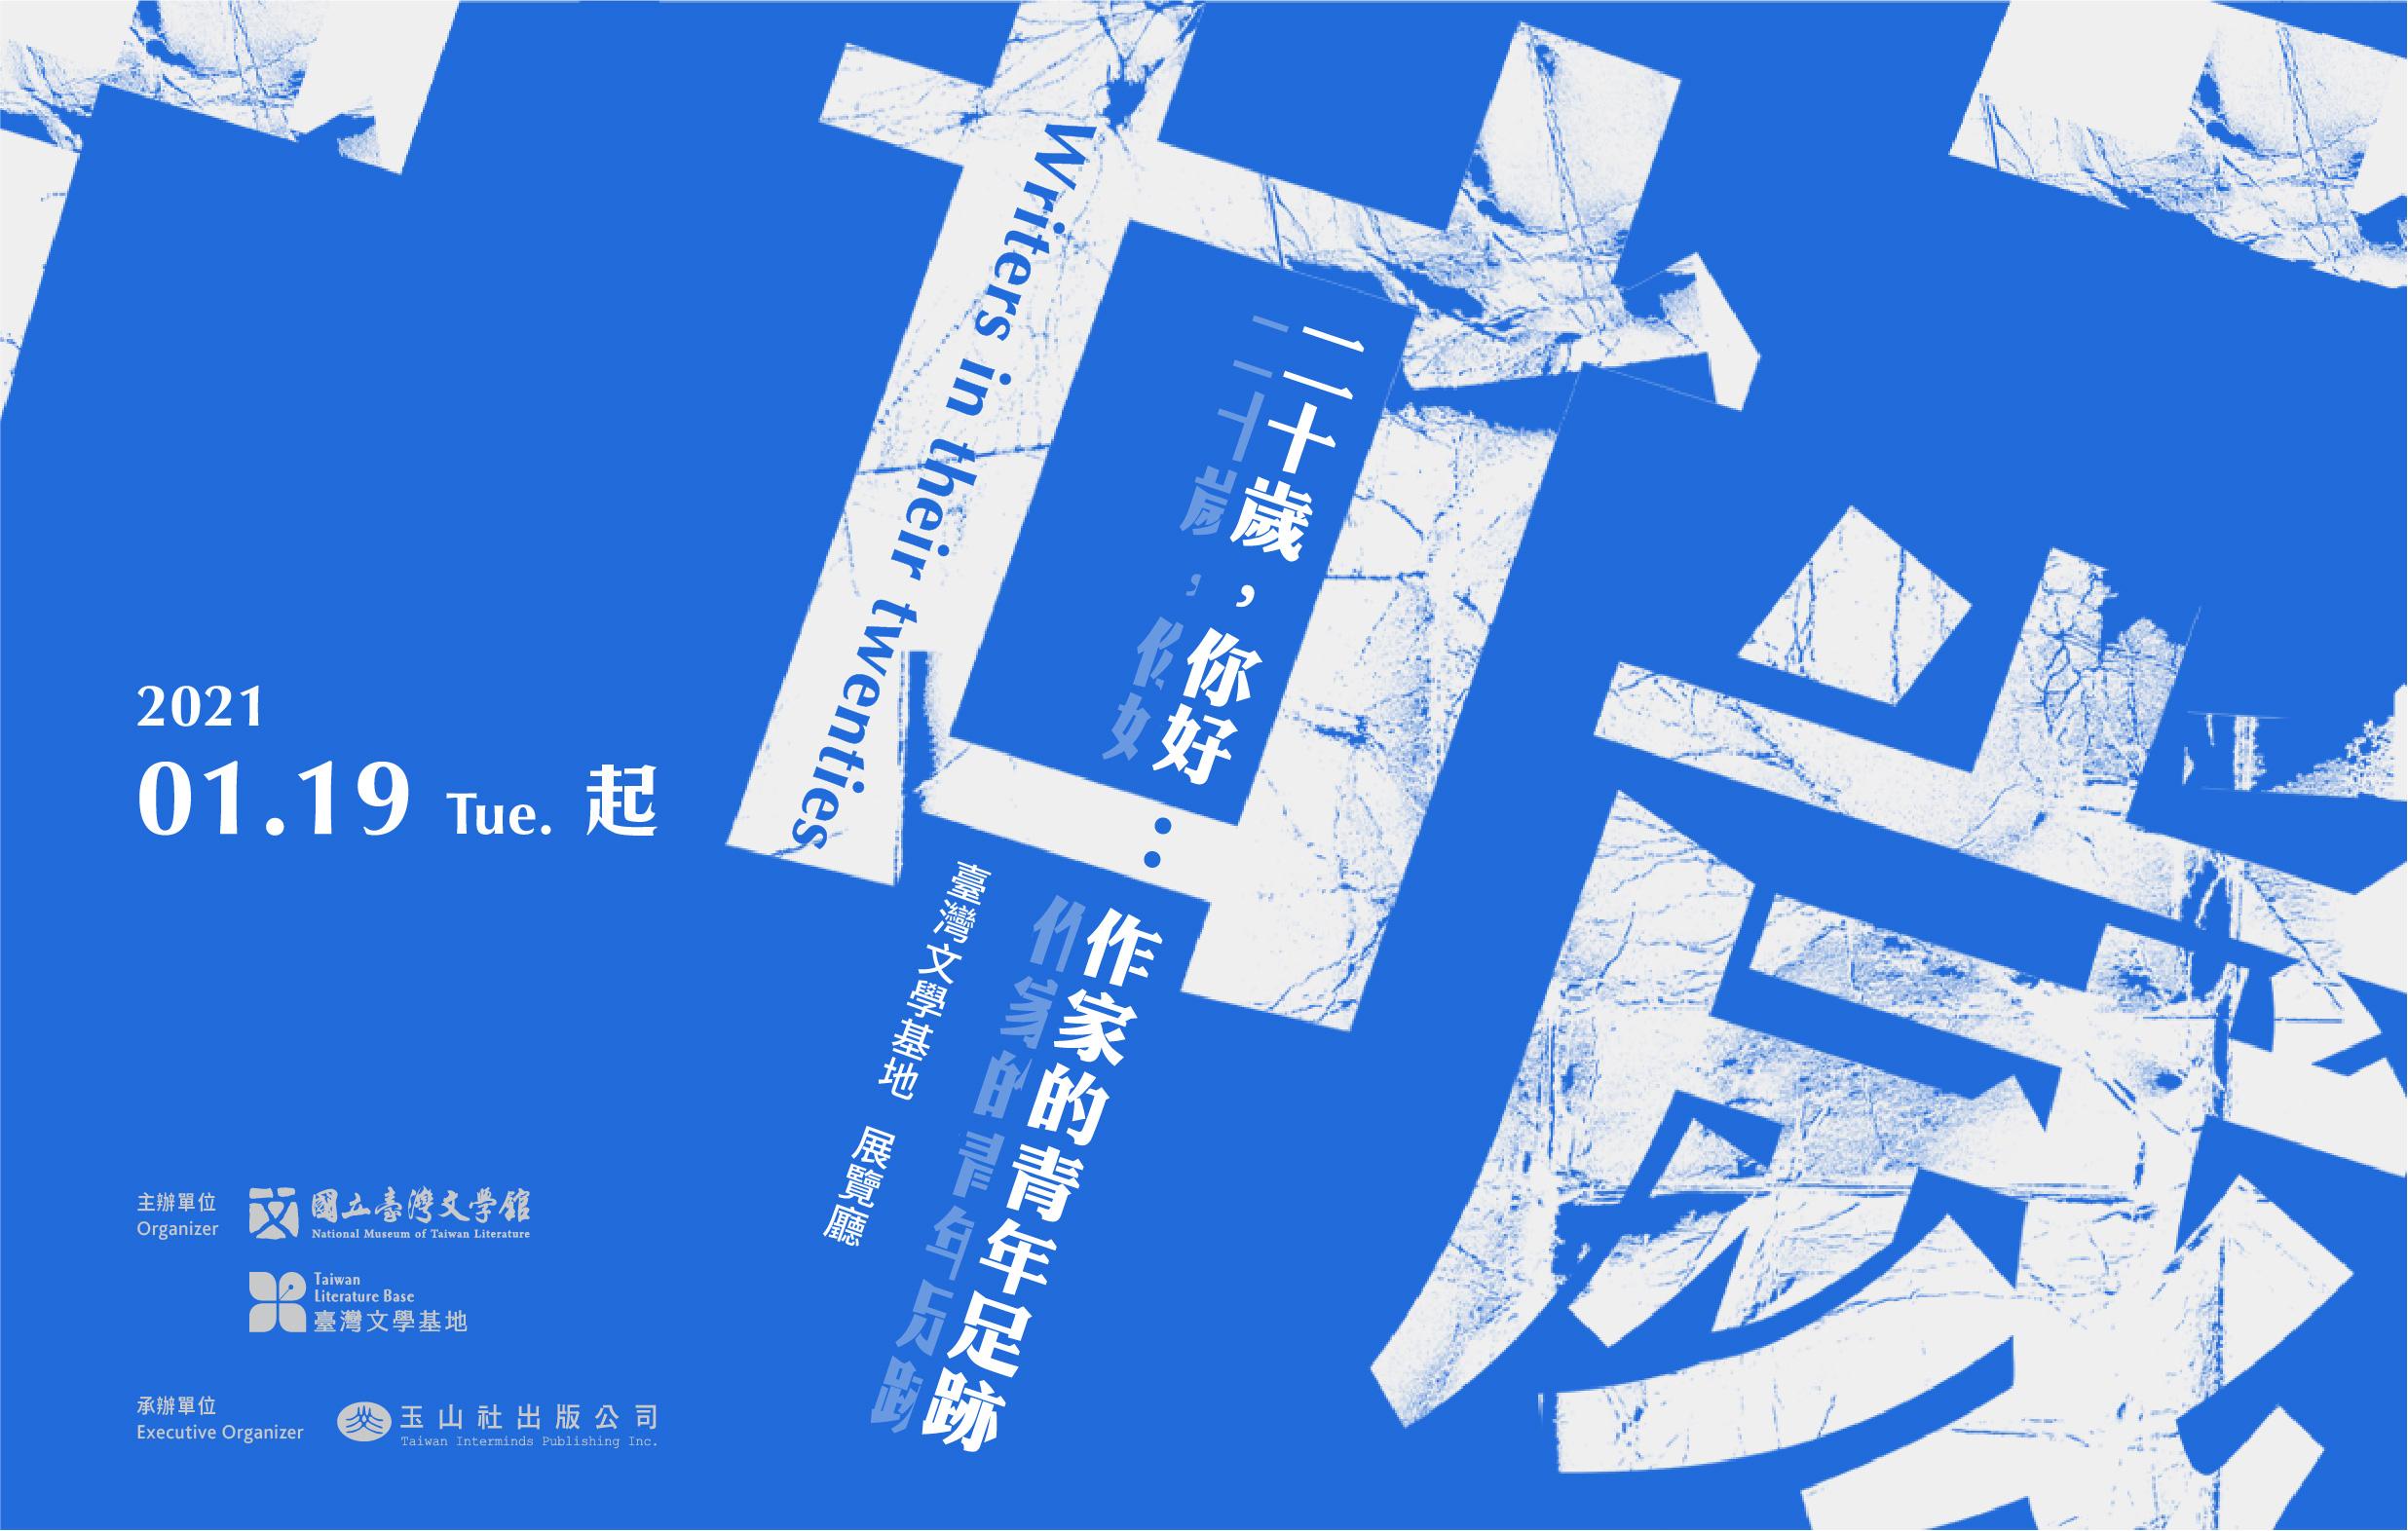 【臺灣文學基地】二十歲,你好:作家的青年足跡